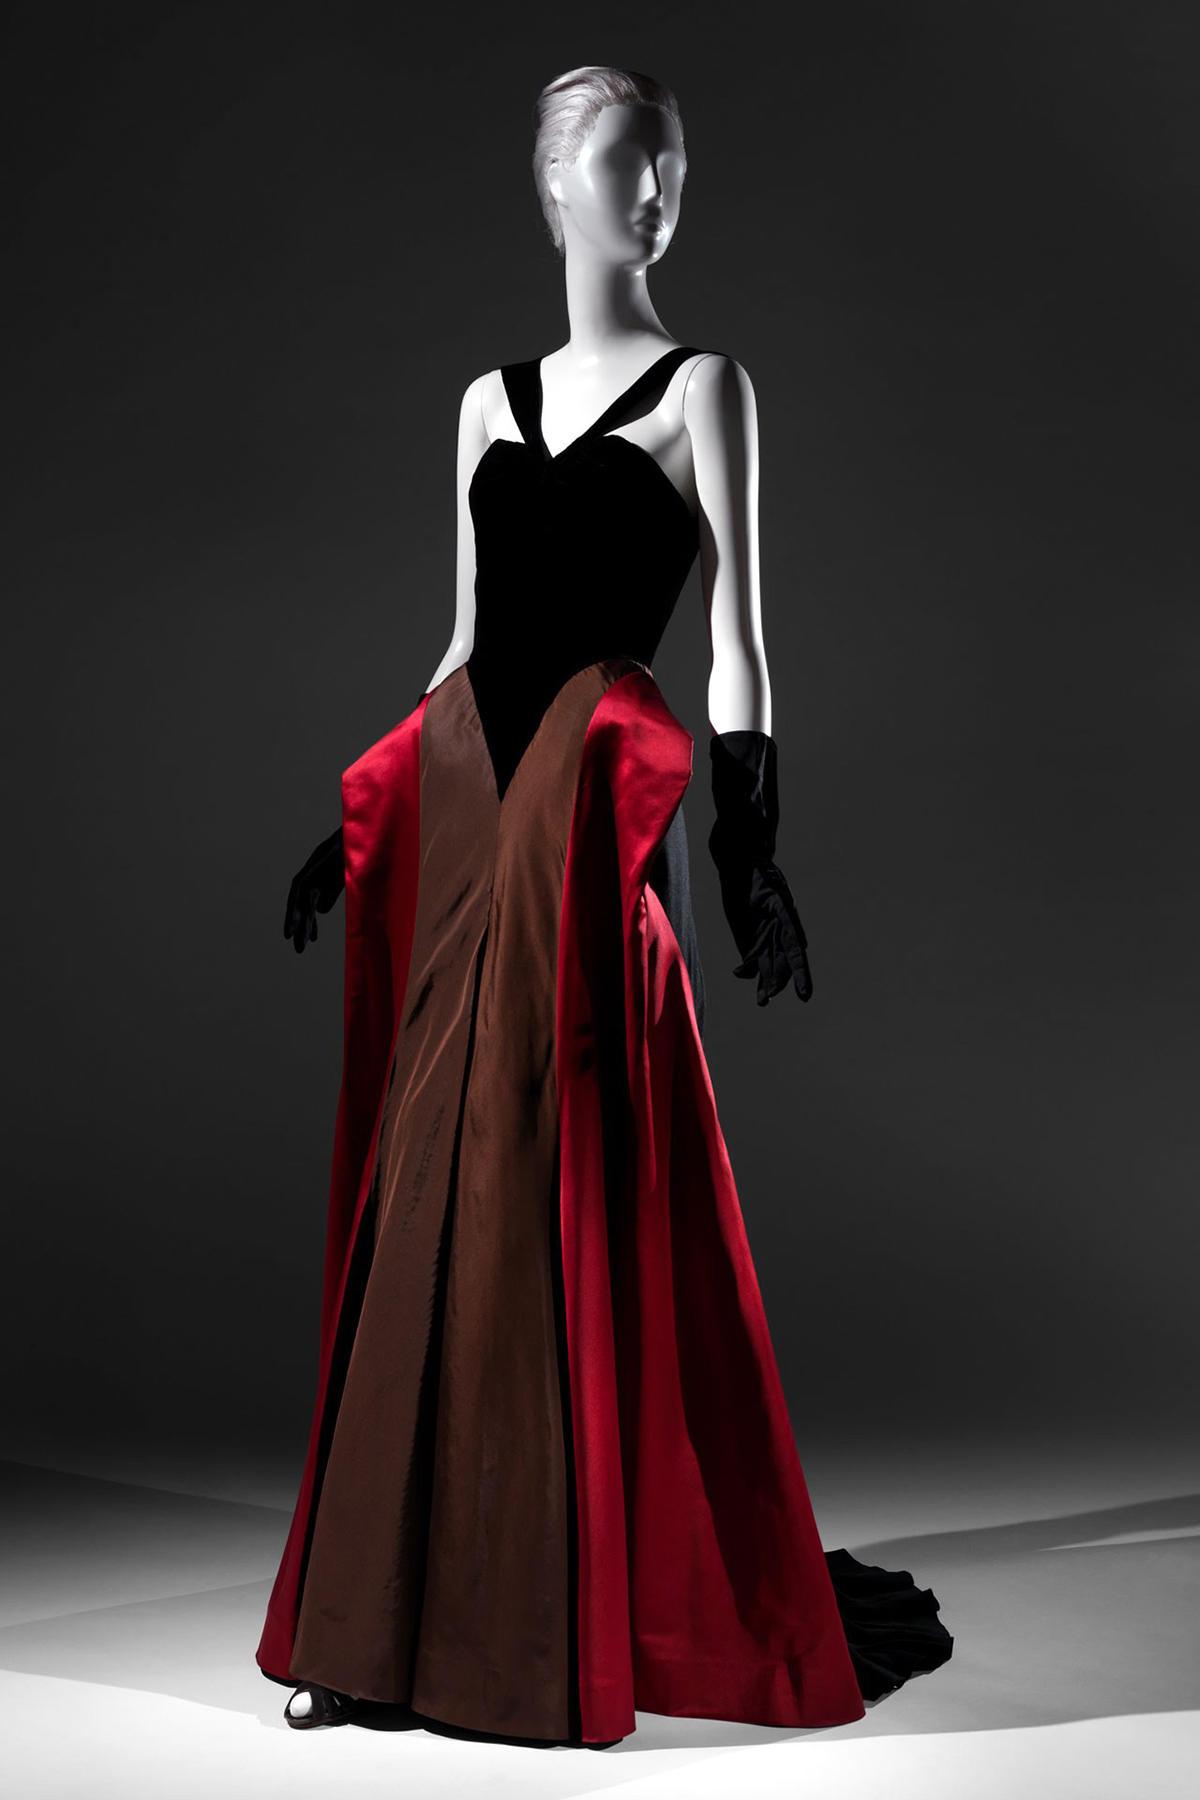 charles-james-hipster-gown-met-exhibition-vogue-5dec13-met_b